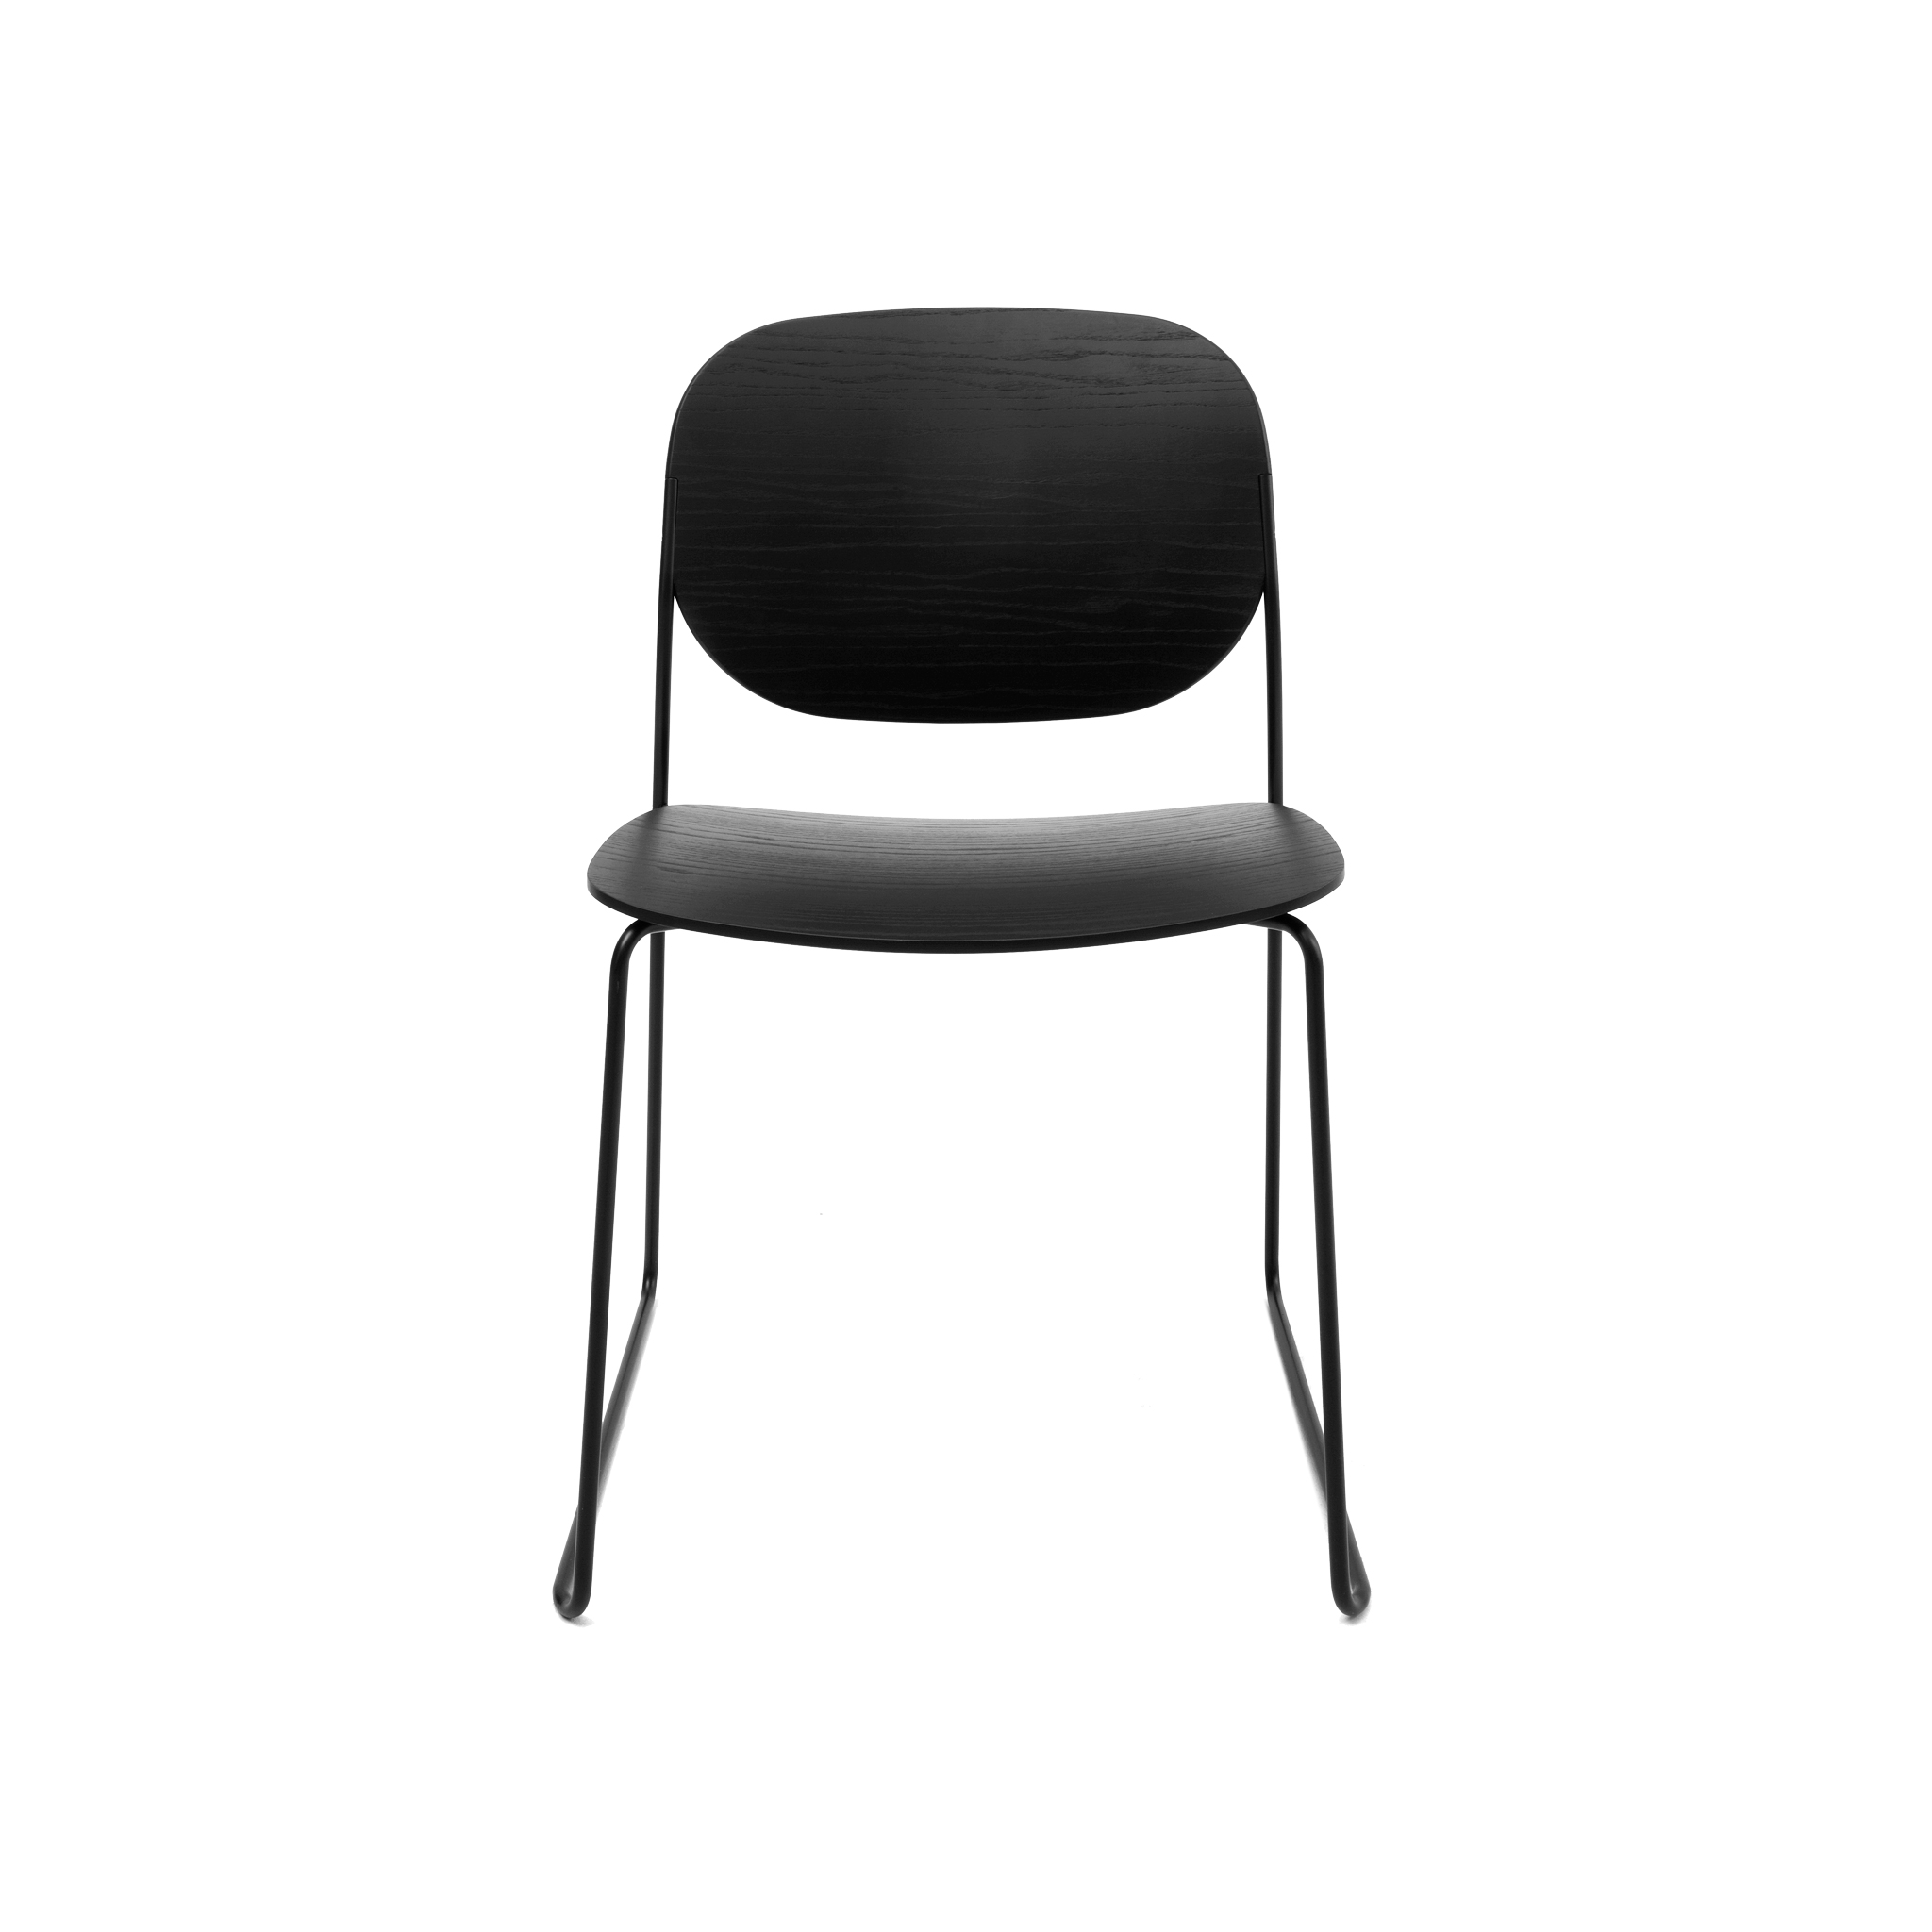 Olo Chair